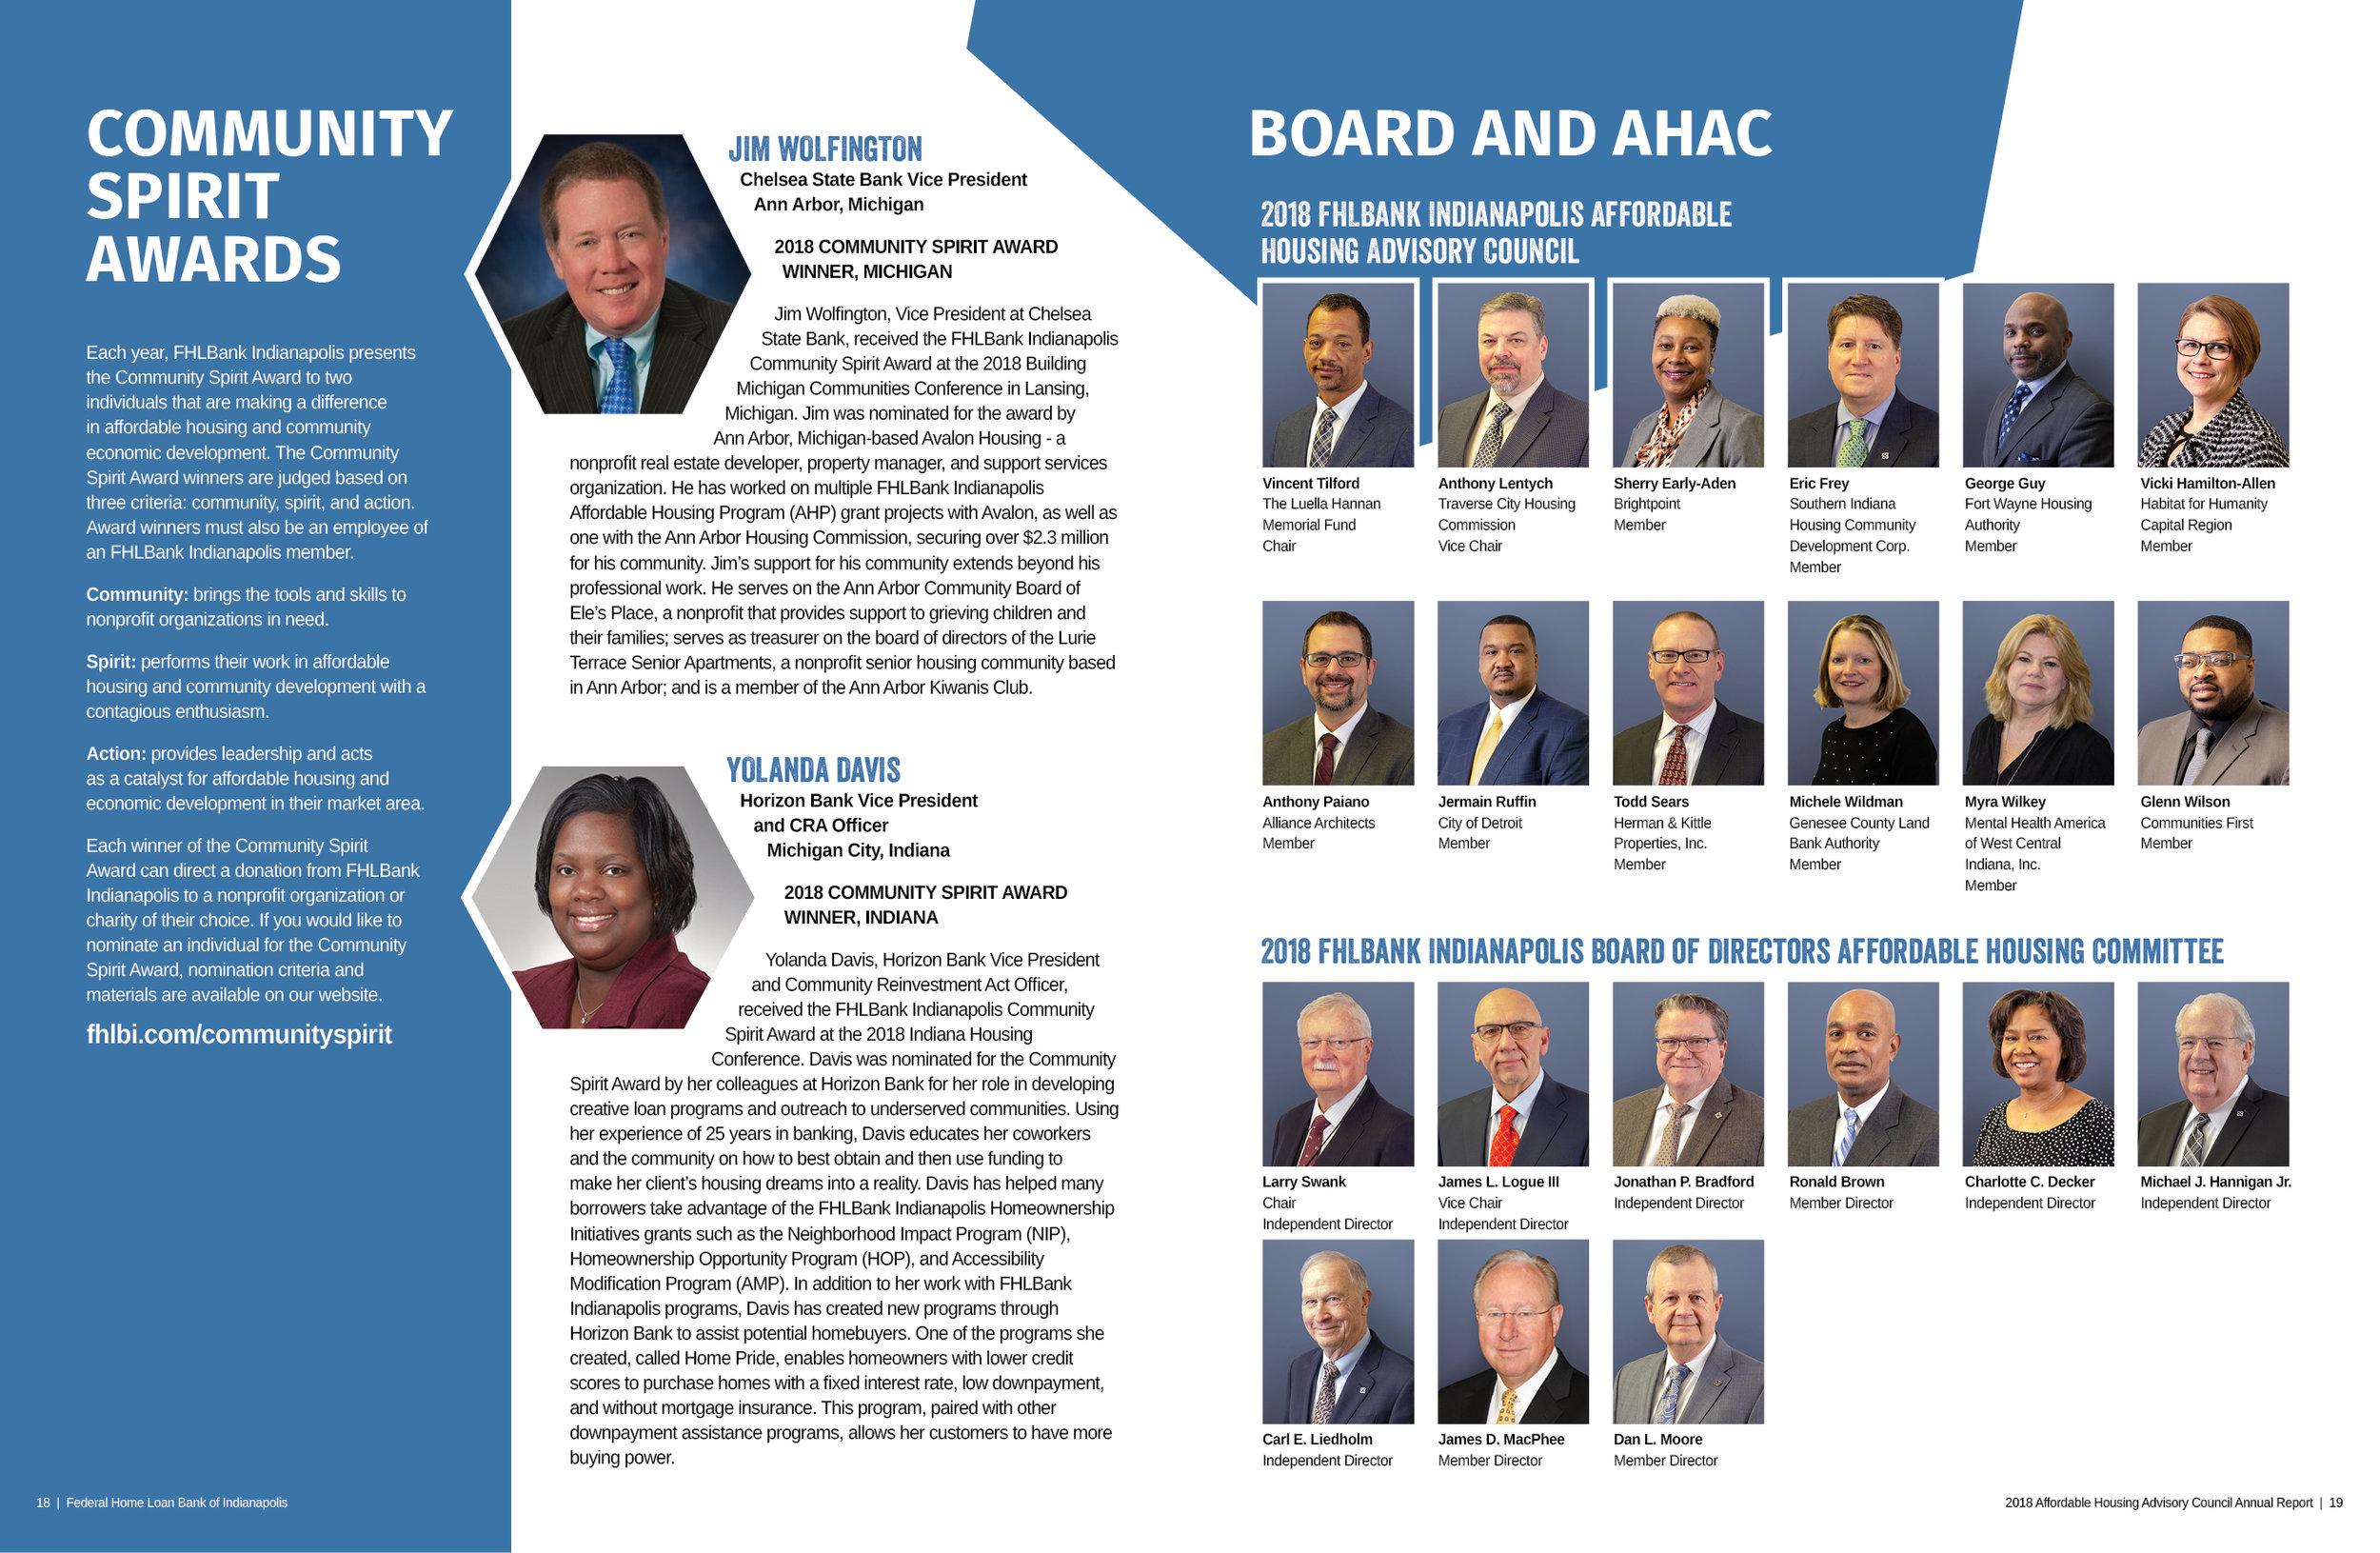 FHLBI_2019_AHAC-AnnualReport_V510.jpg